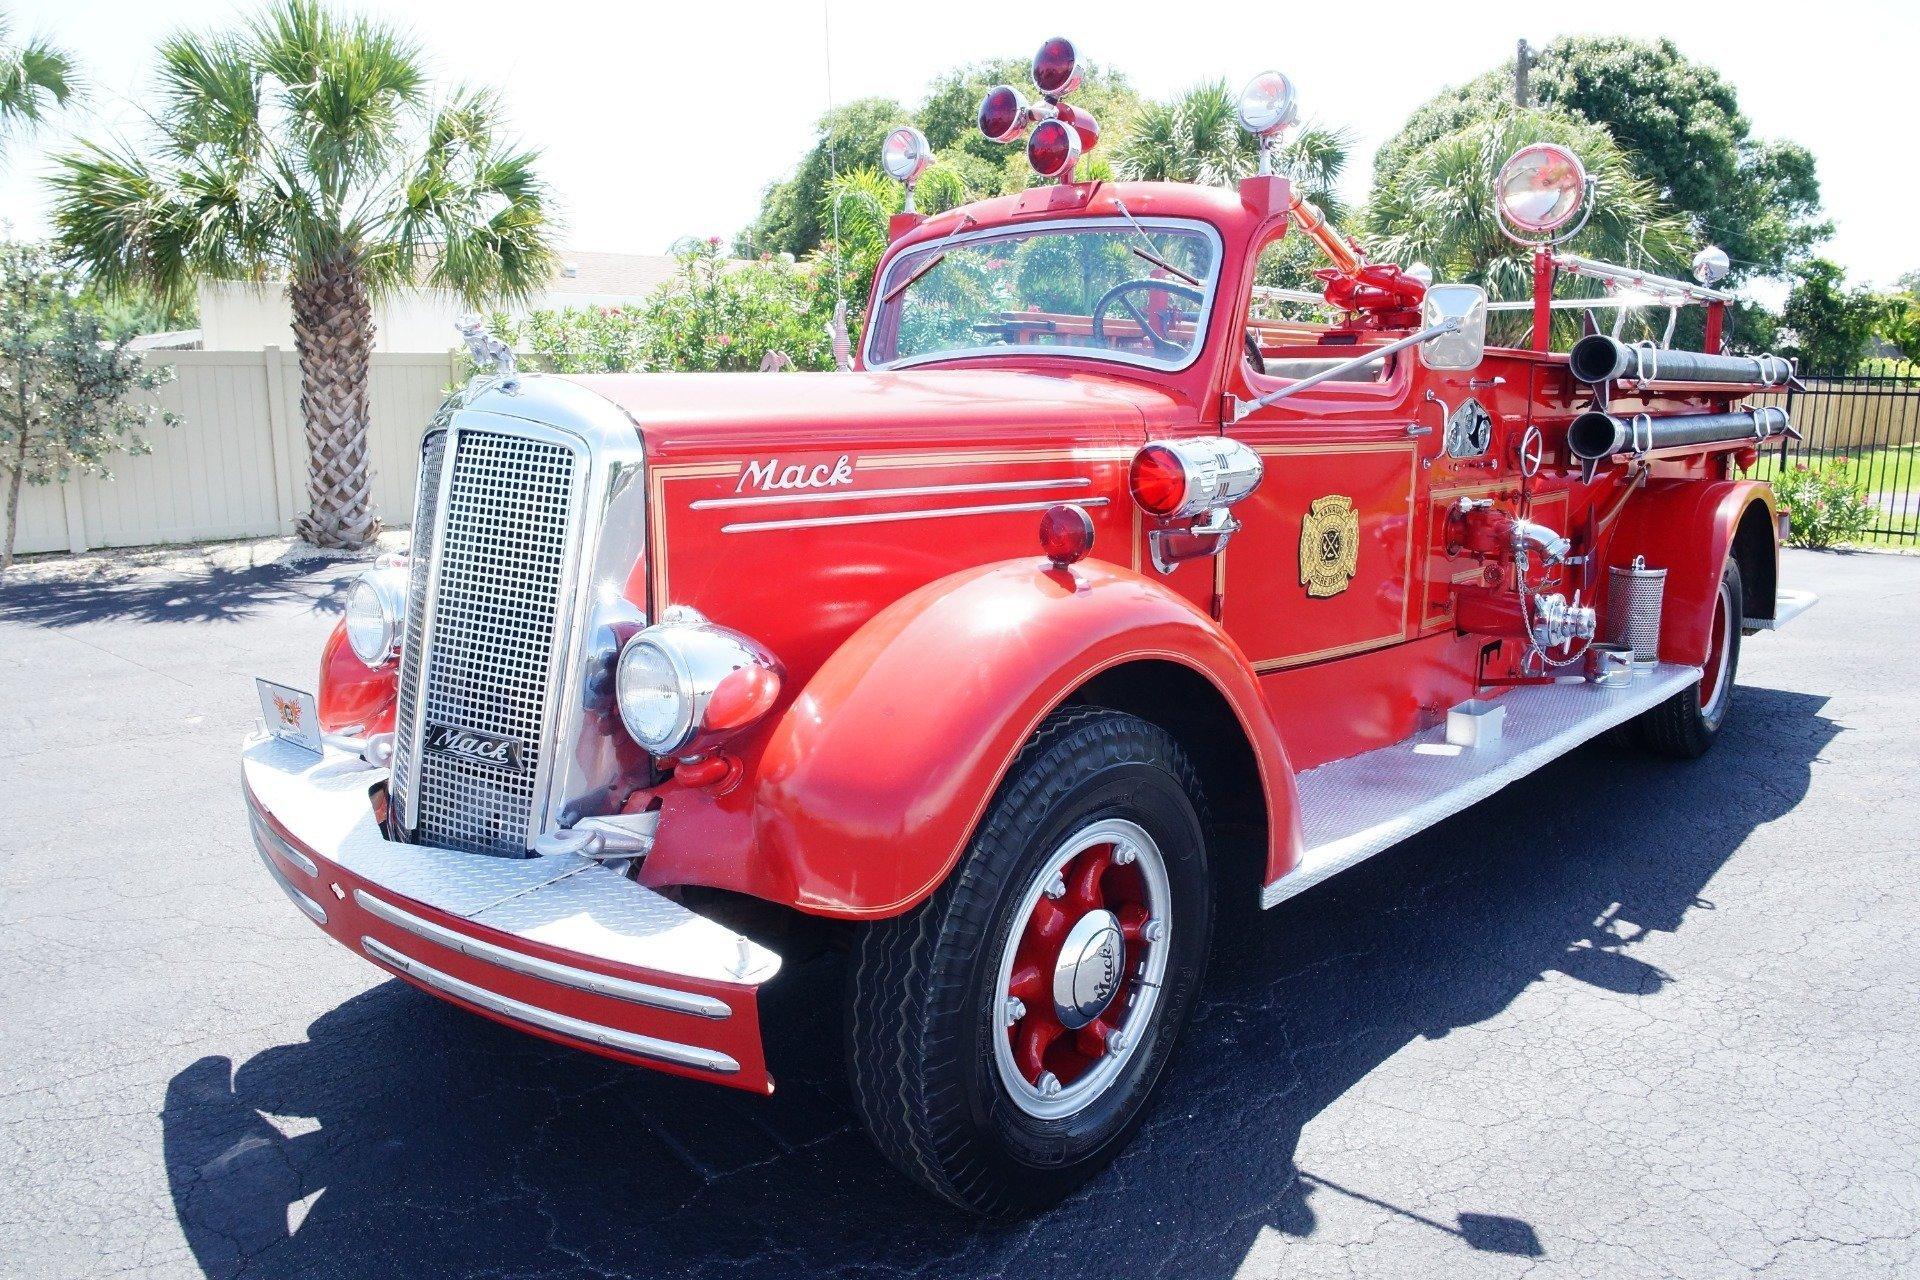 ... 1499b85cc5a2 low res 1943 mack model 505 fire truck ...